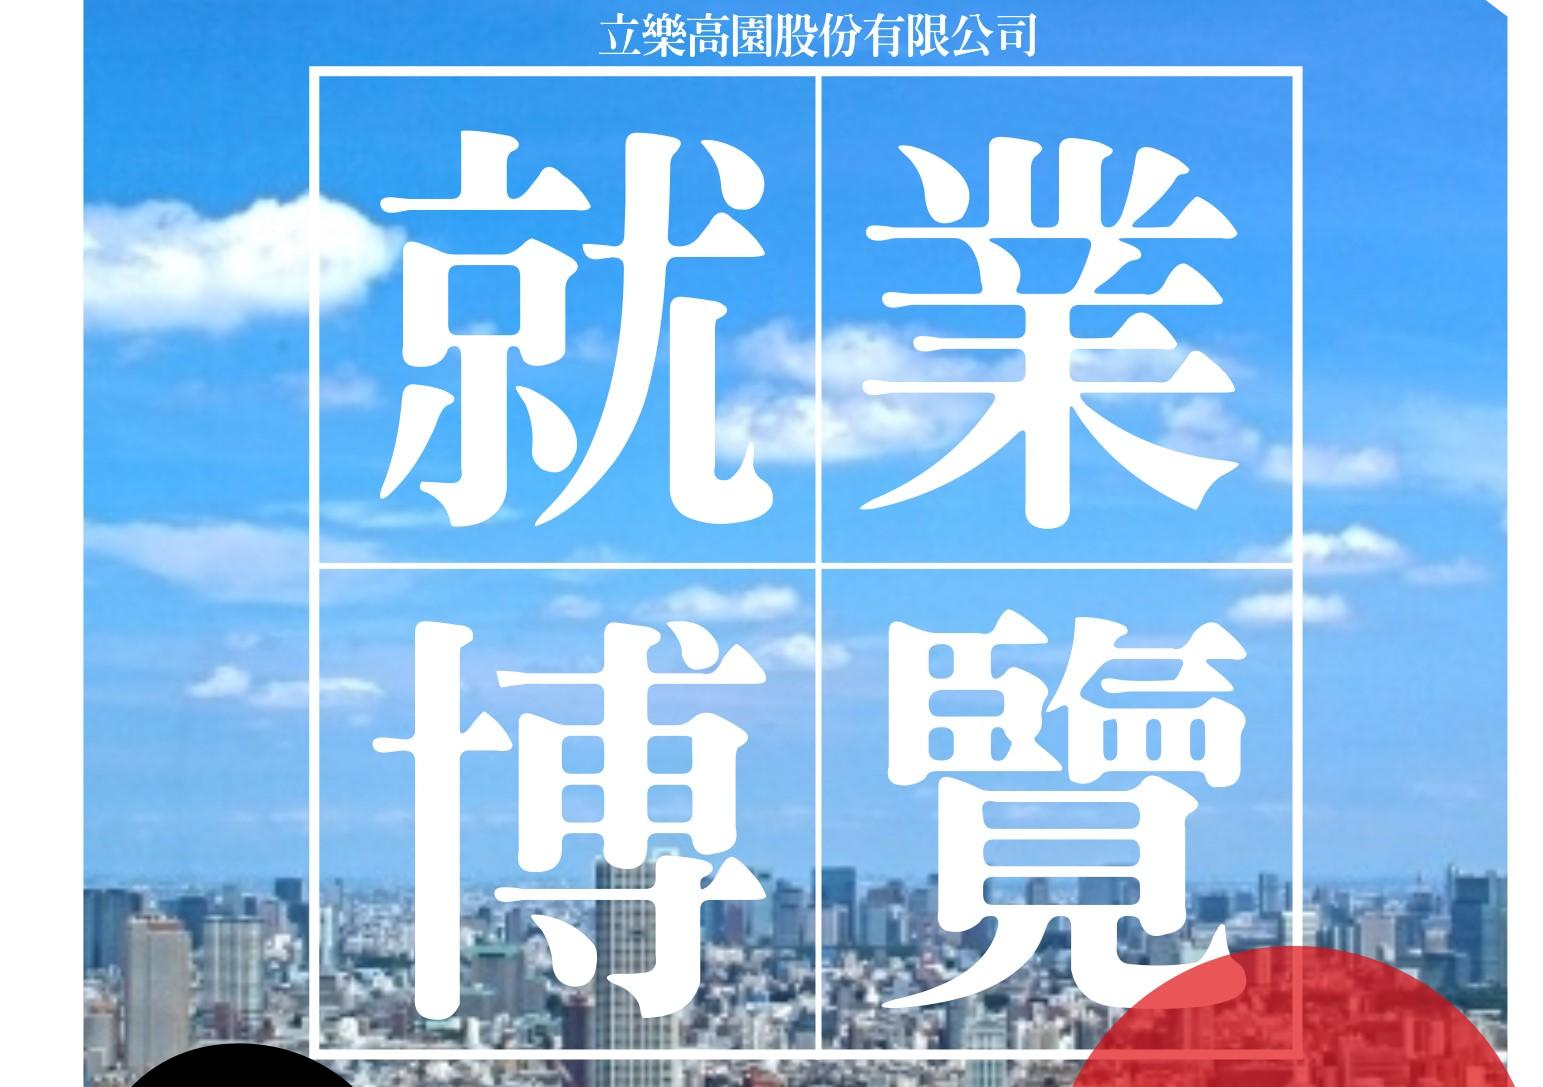 【Web博6/21、6/28】立樂高園線上徵才博覽會!